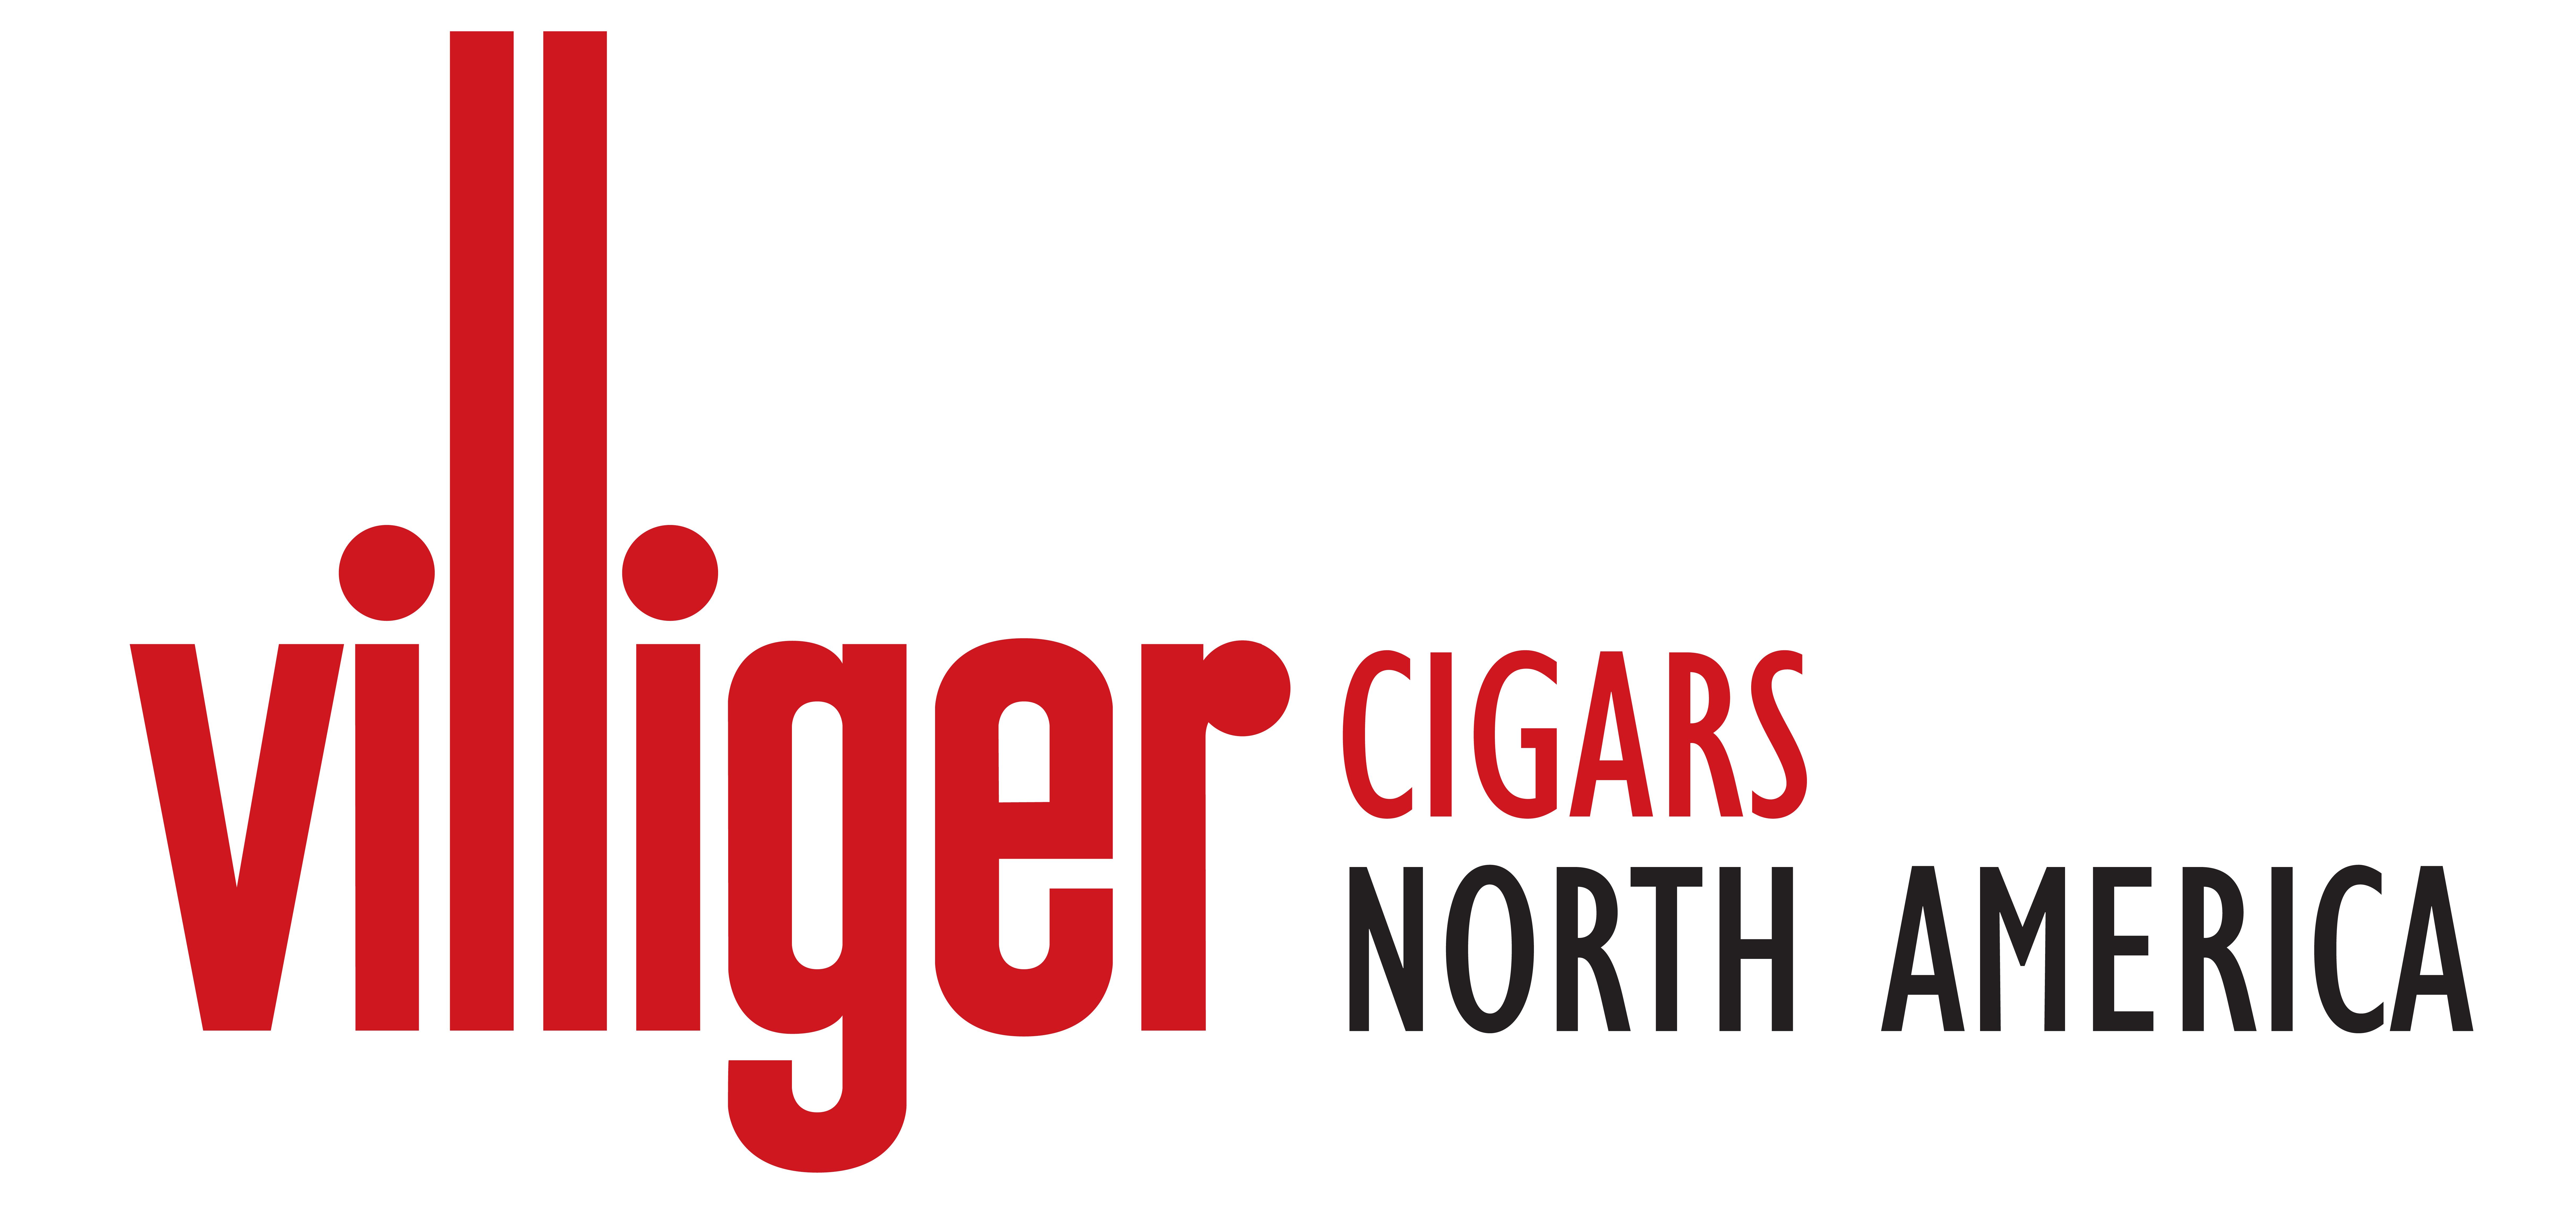 Cigar News: Villiger Cigars North America Will Not Attend 2019 IPCPR Trade Show